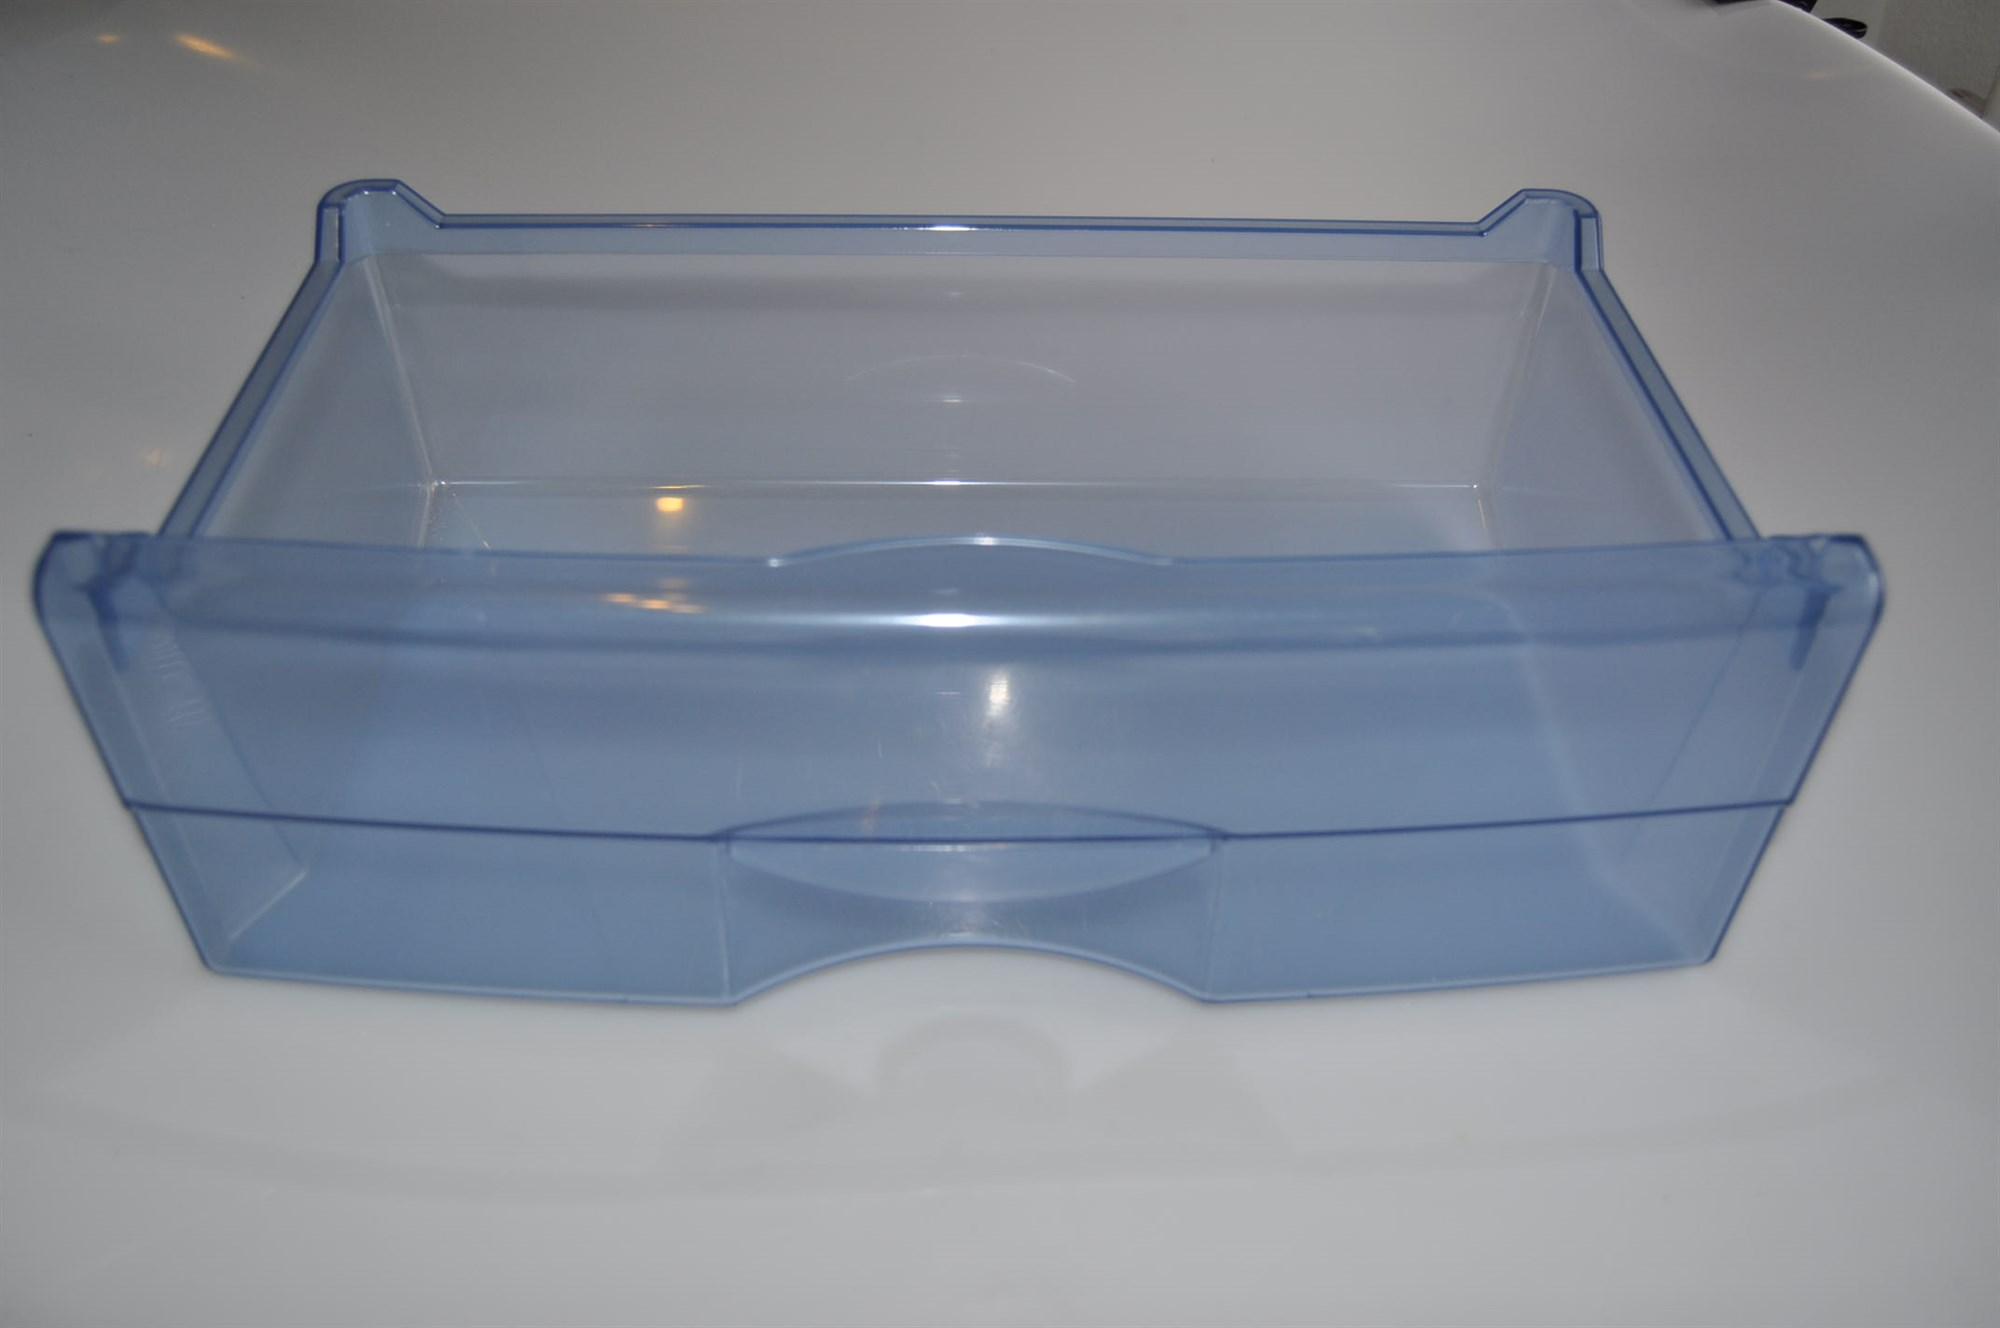 Gorenje Kühlschrank Ersatzteile Türfach : Gefrierschublade gorenje kühl gefrierschrank